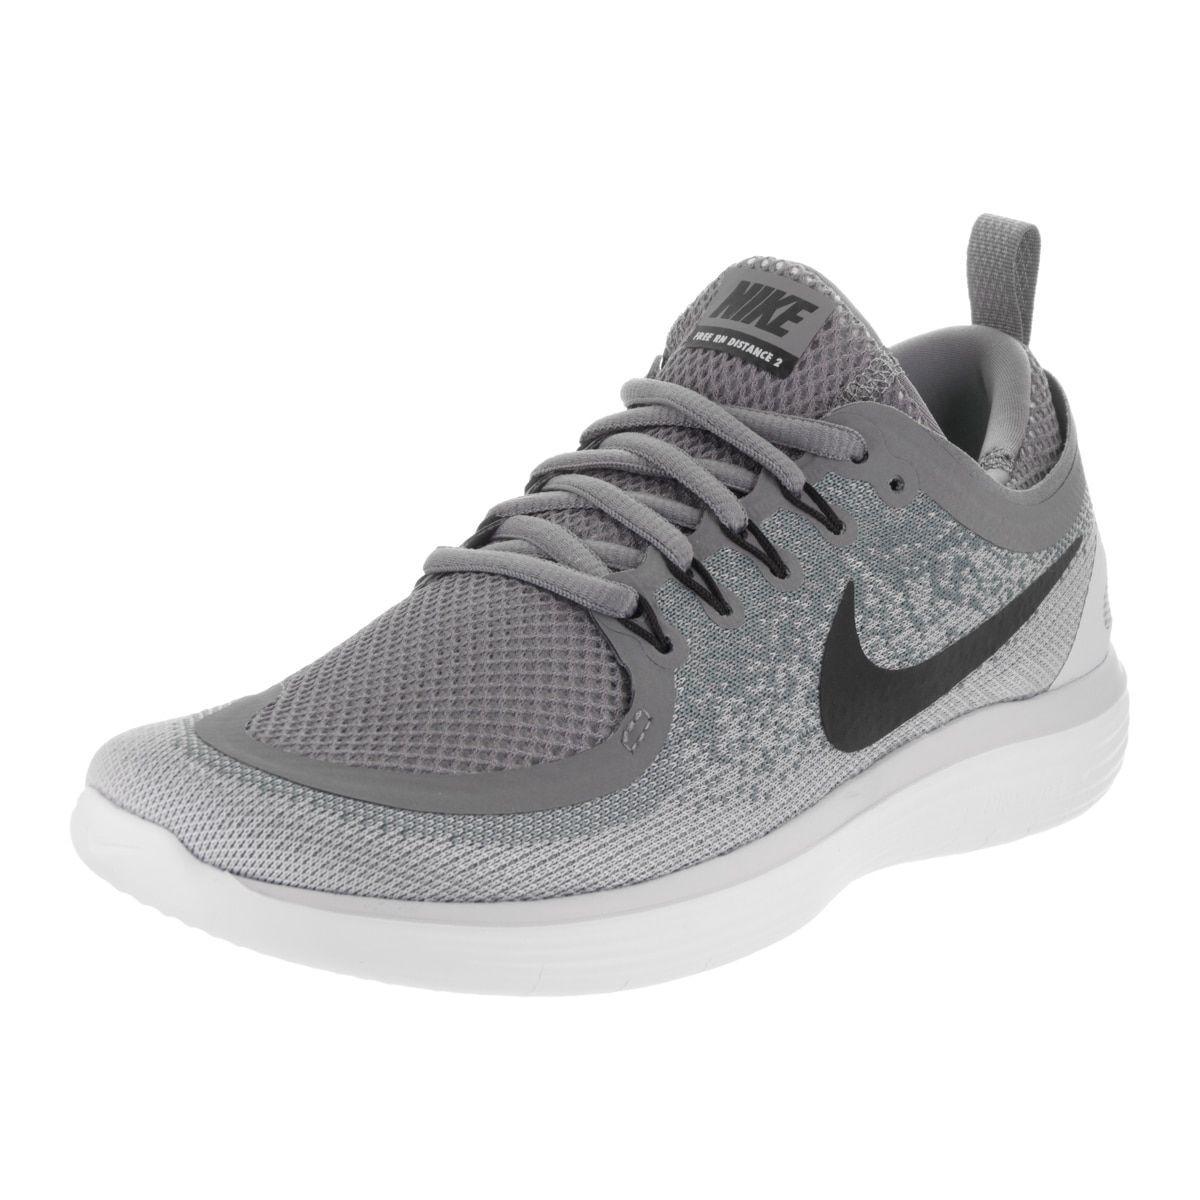 4352573aa09c Nike Women s Free Run Distance 2 Running Shoes by Nike